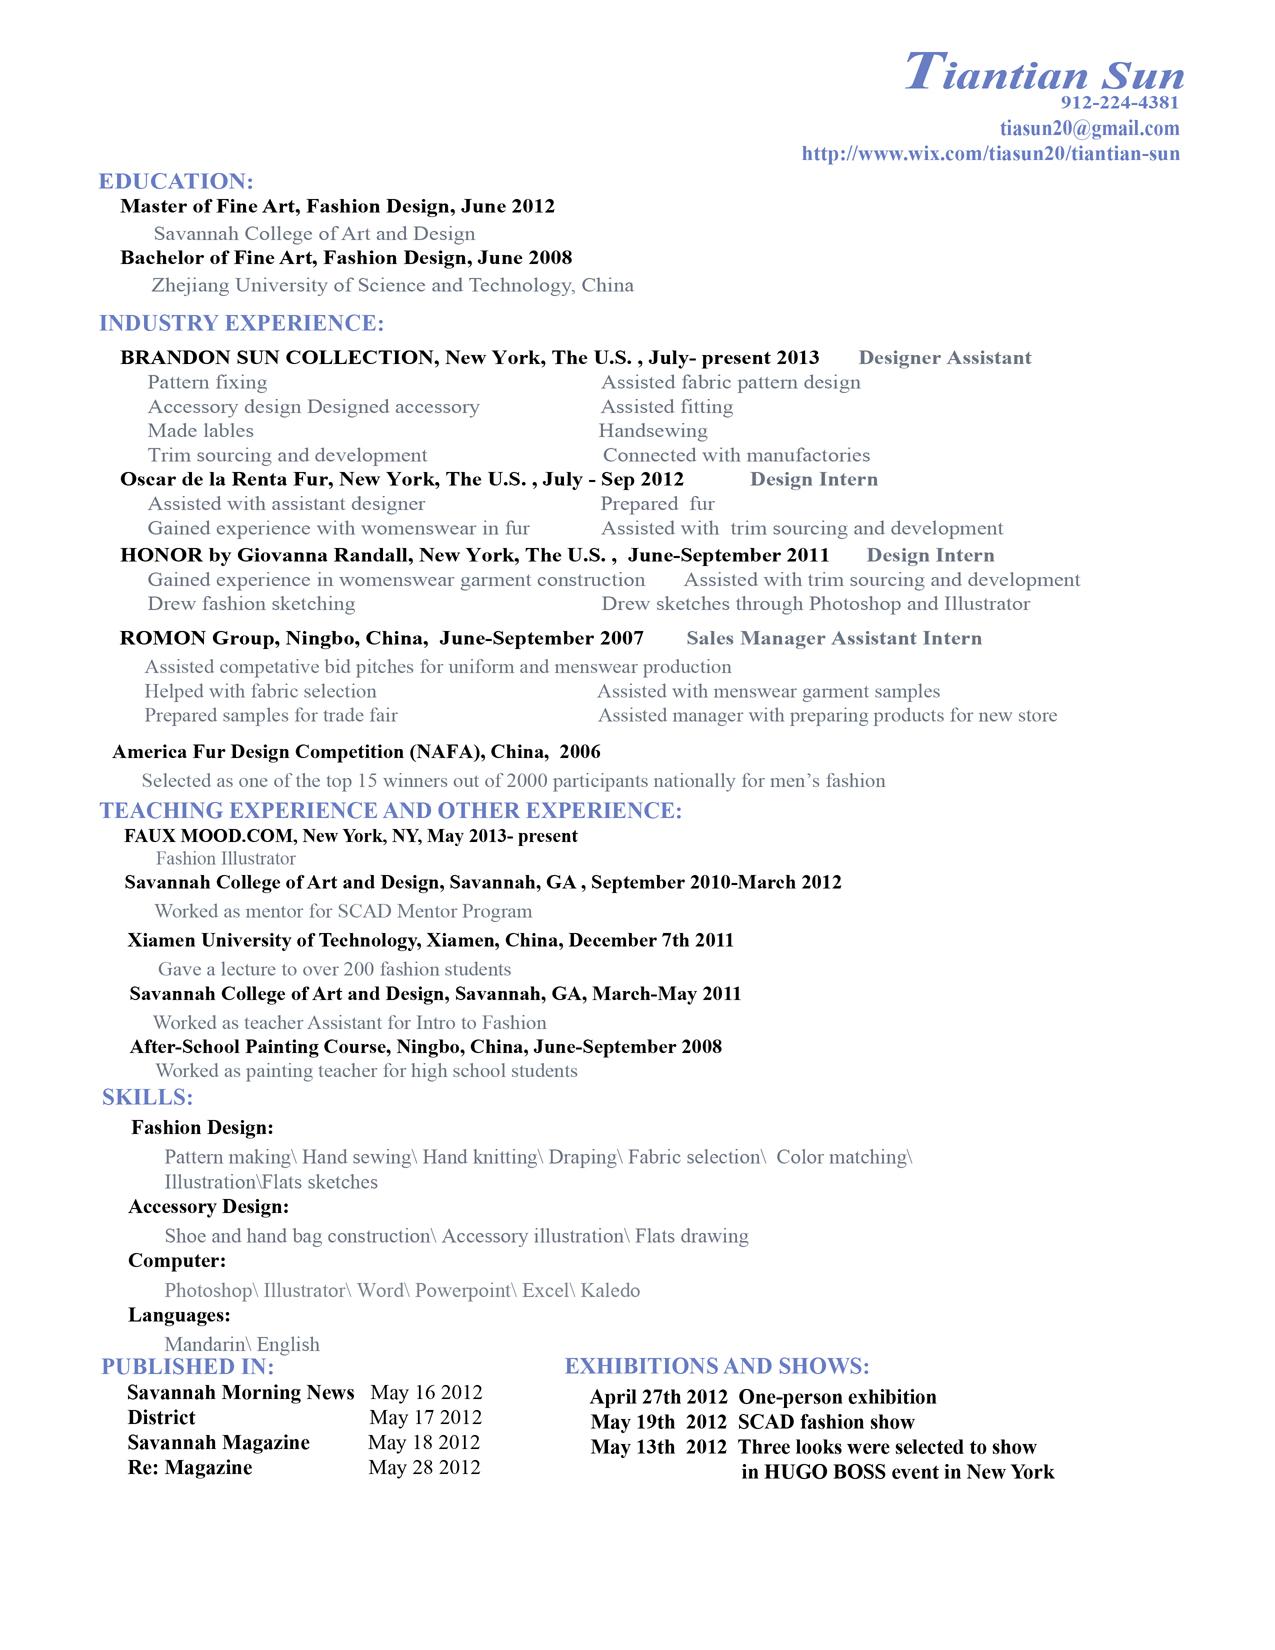 sample fashion resume resume cv cover letter